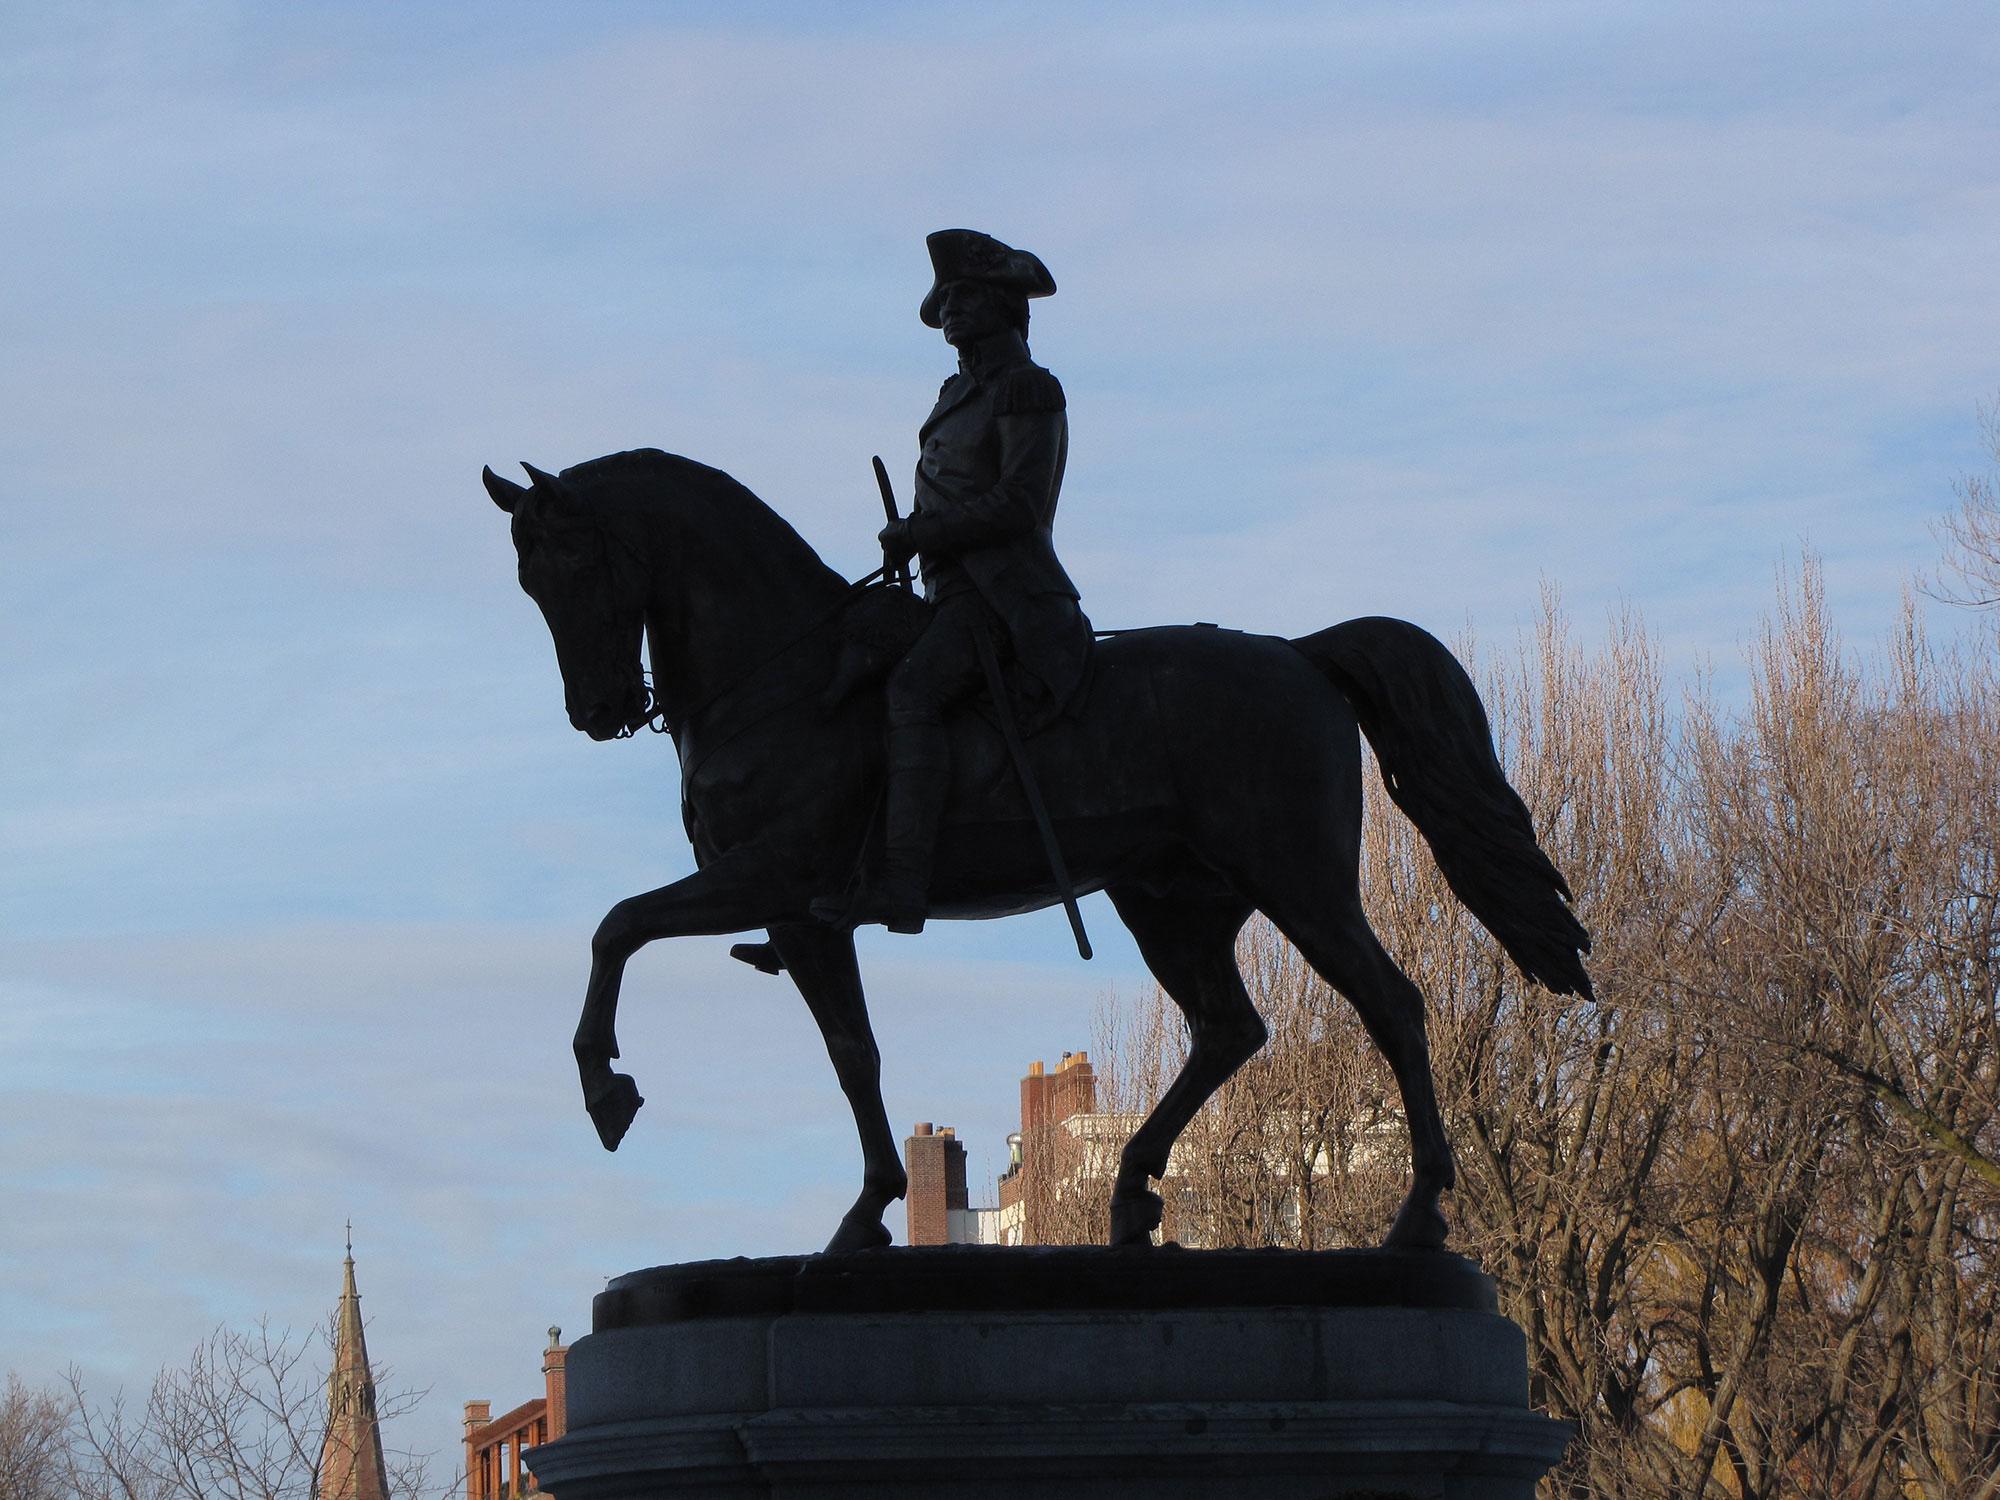 De betekenis van de stand van de poten van een paard als standbeeld